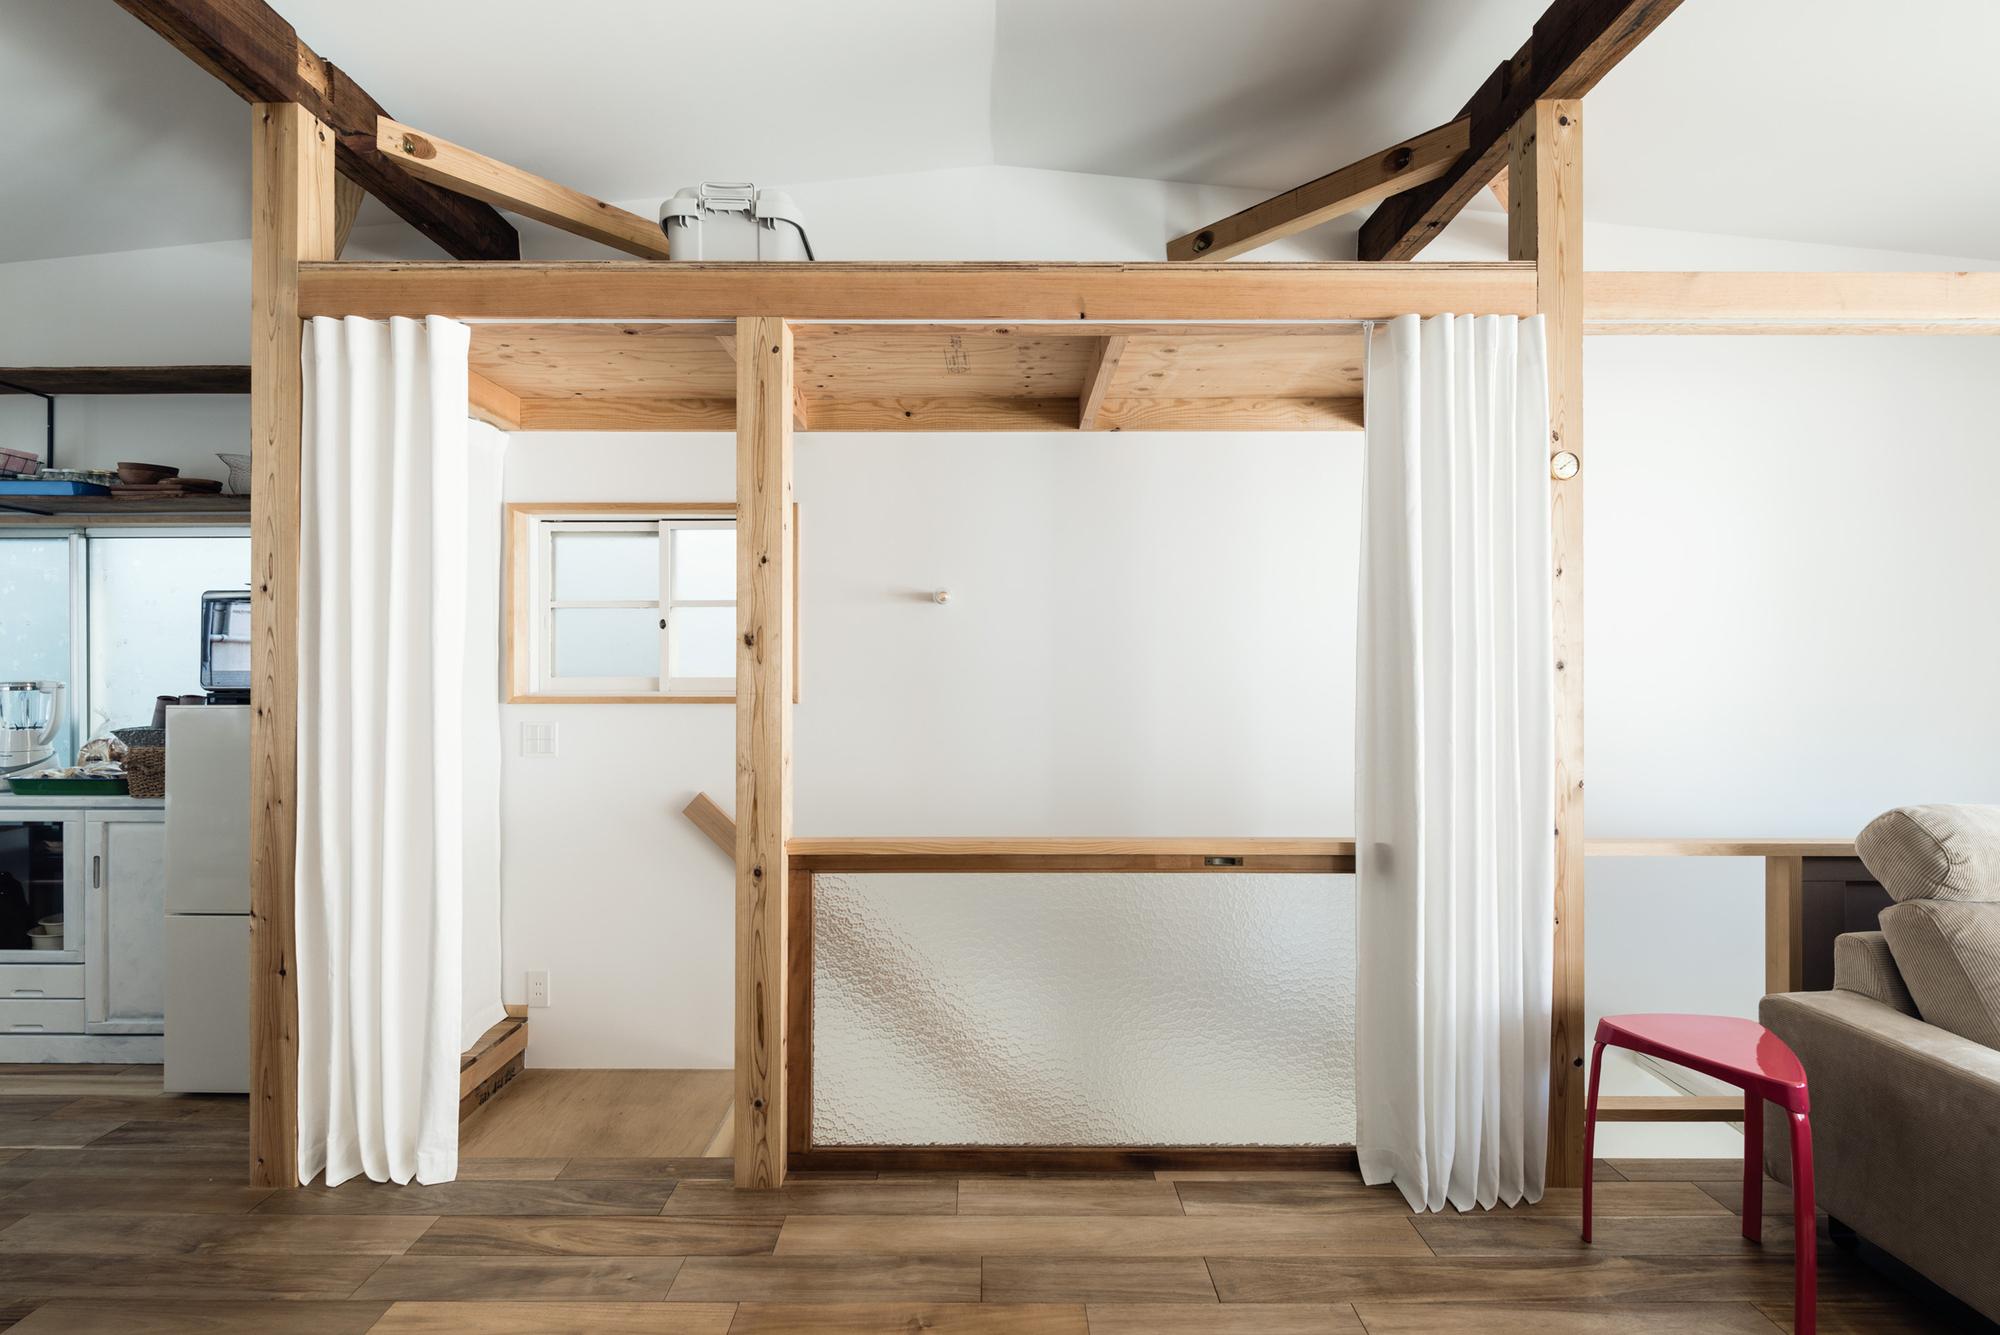 Come ristrutturare una casa di 33 metri quadrati come for 1300 metri quadrati di piano casa